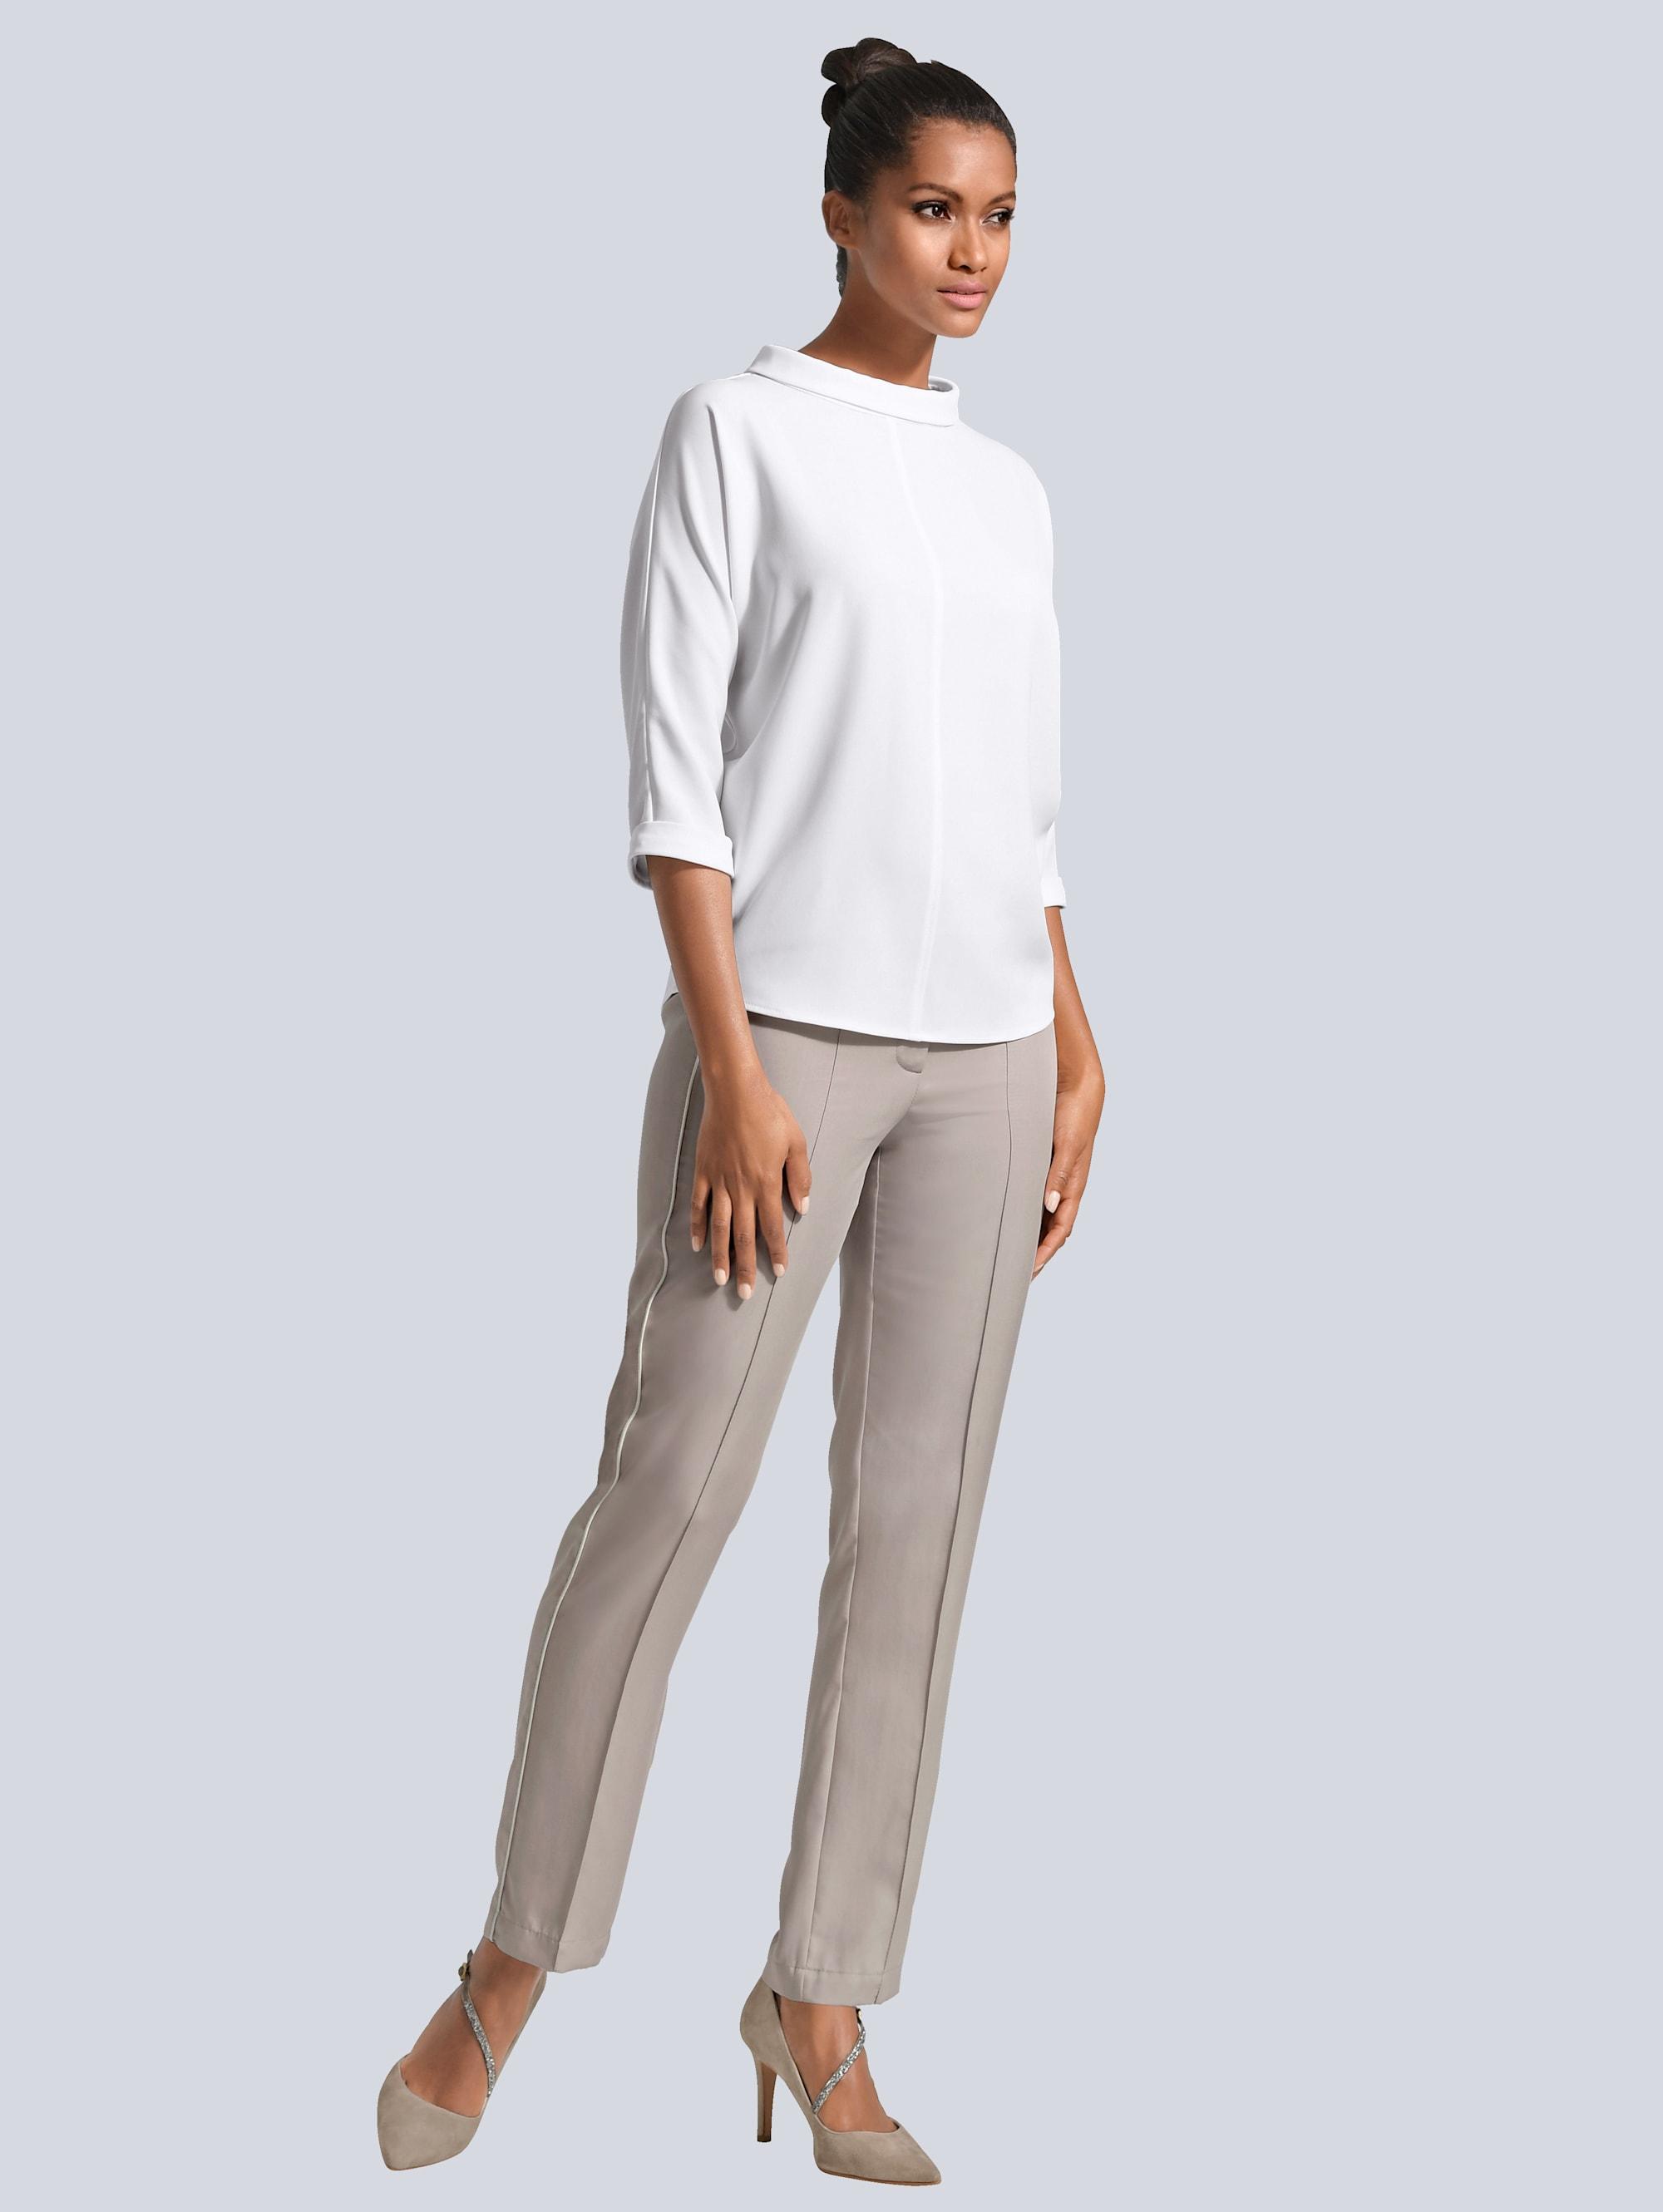 Alba Moda Bluse in Off-white günstig kaufen